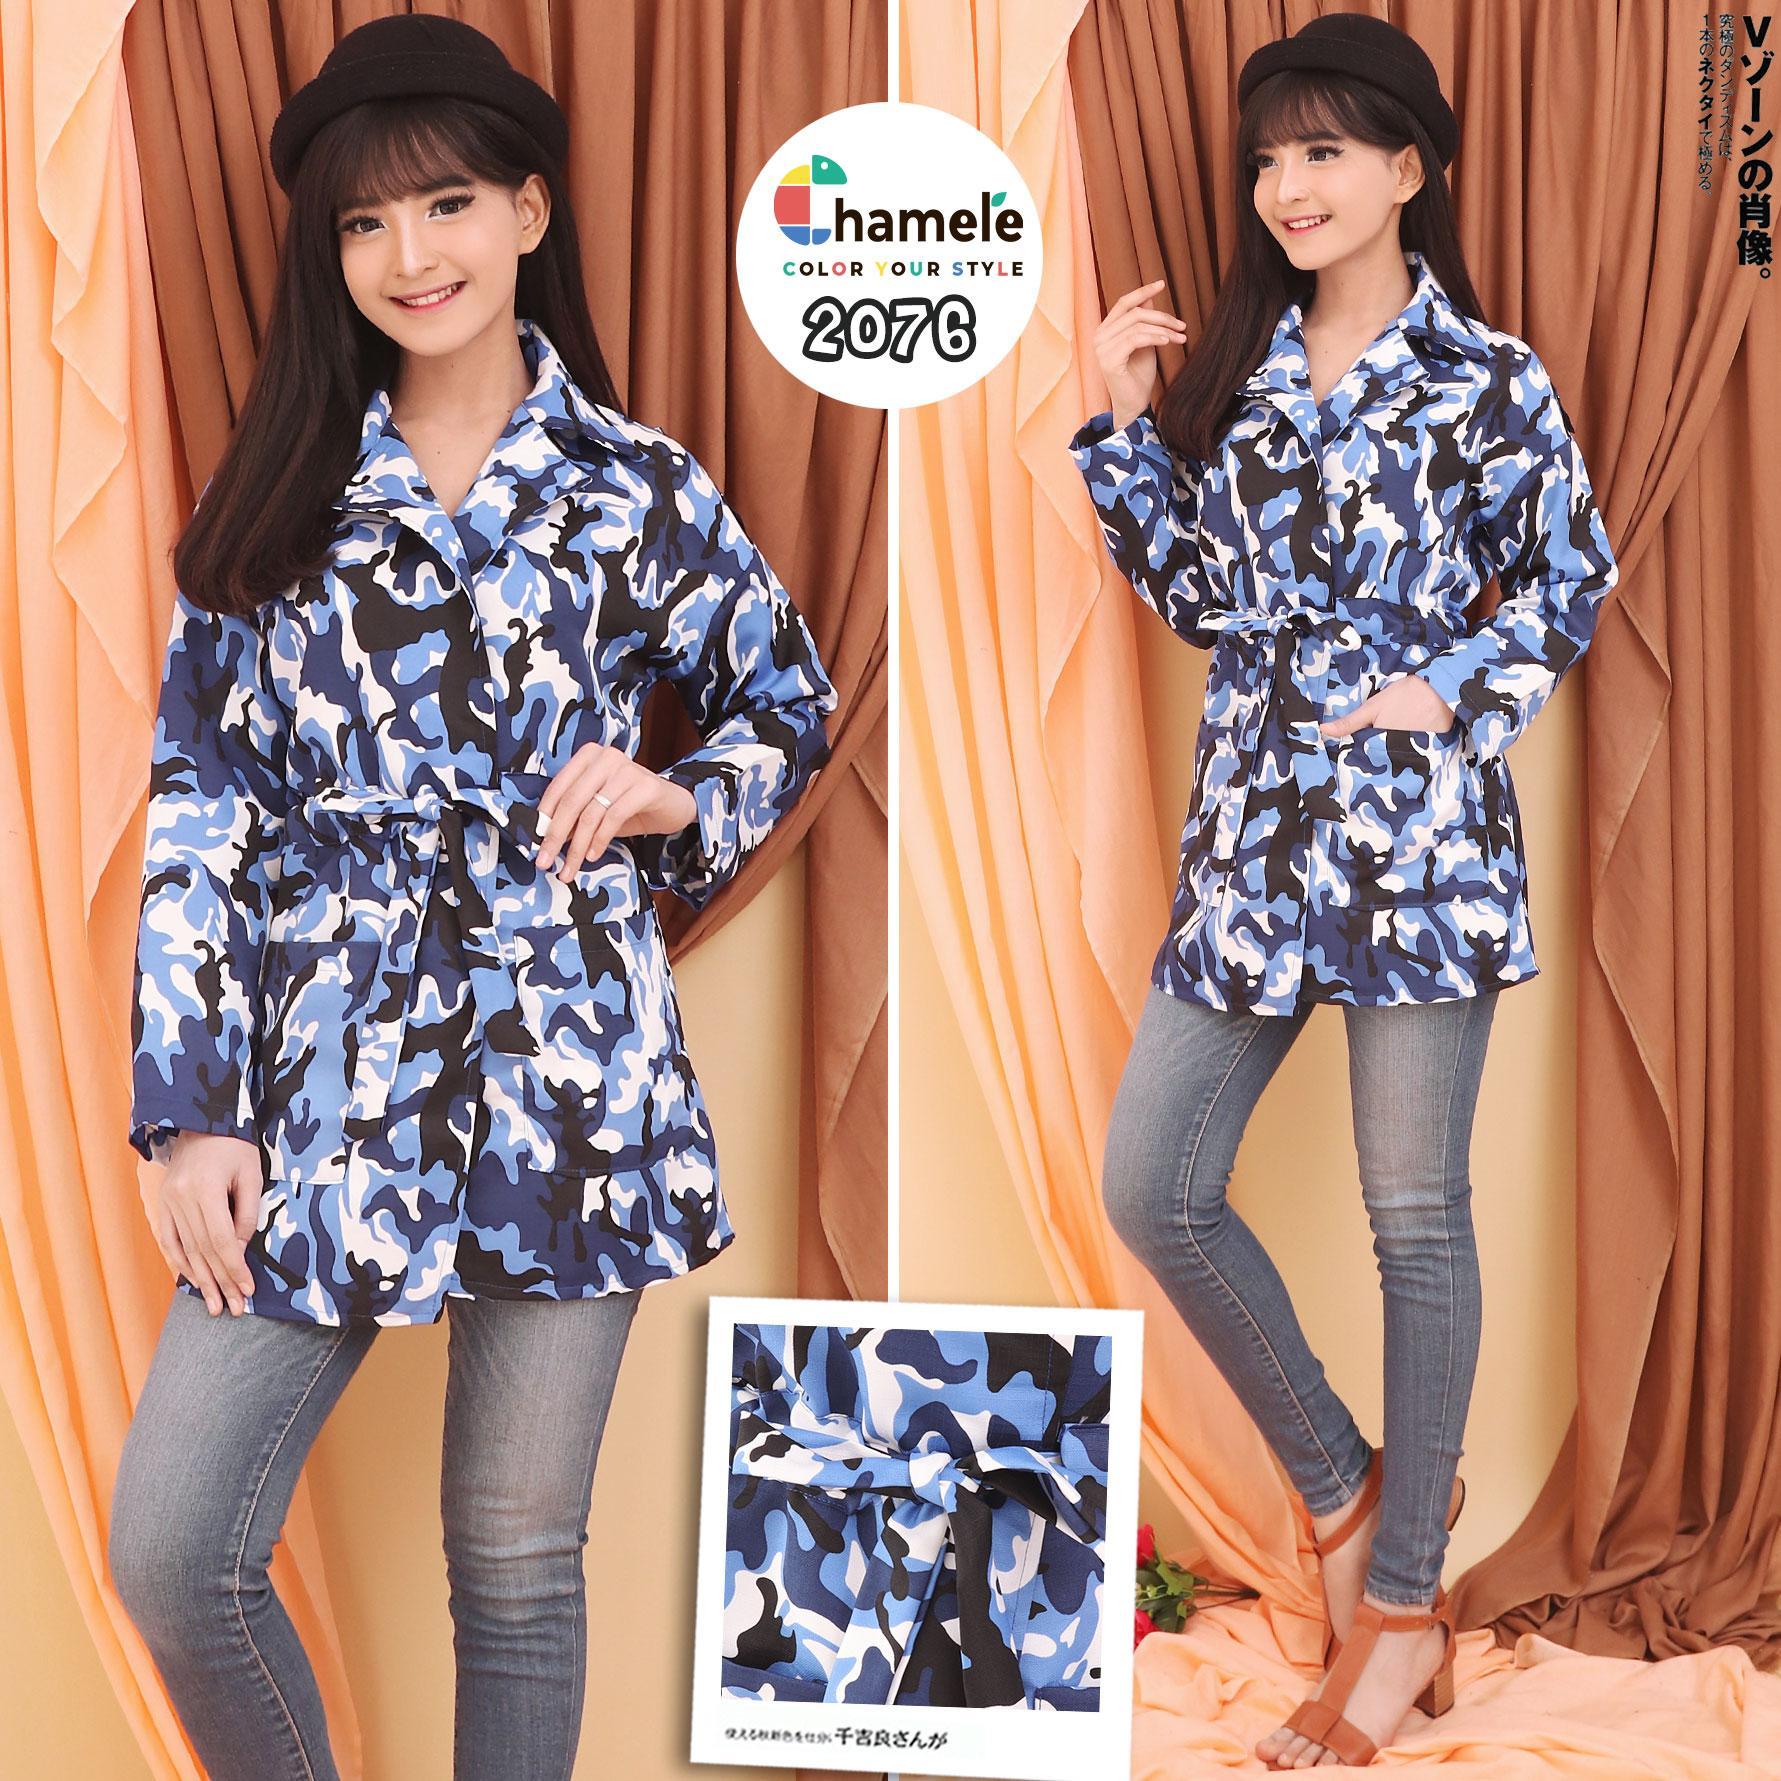 Chamele 2053 - TERBARU! Vintage Jumpsuit Good Quality KatunIDR95000. Rp 95.000